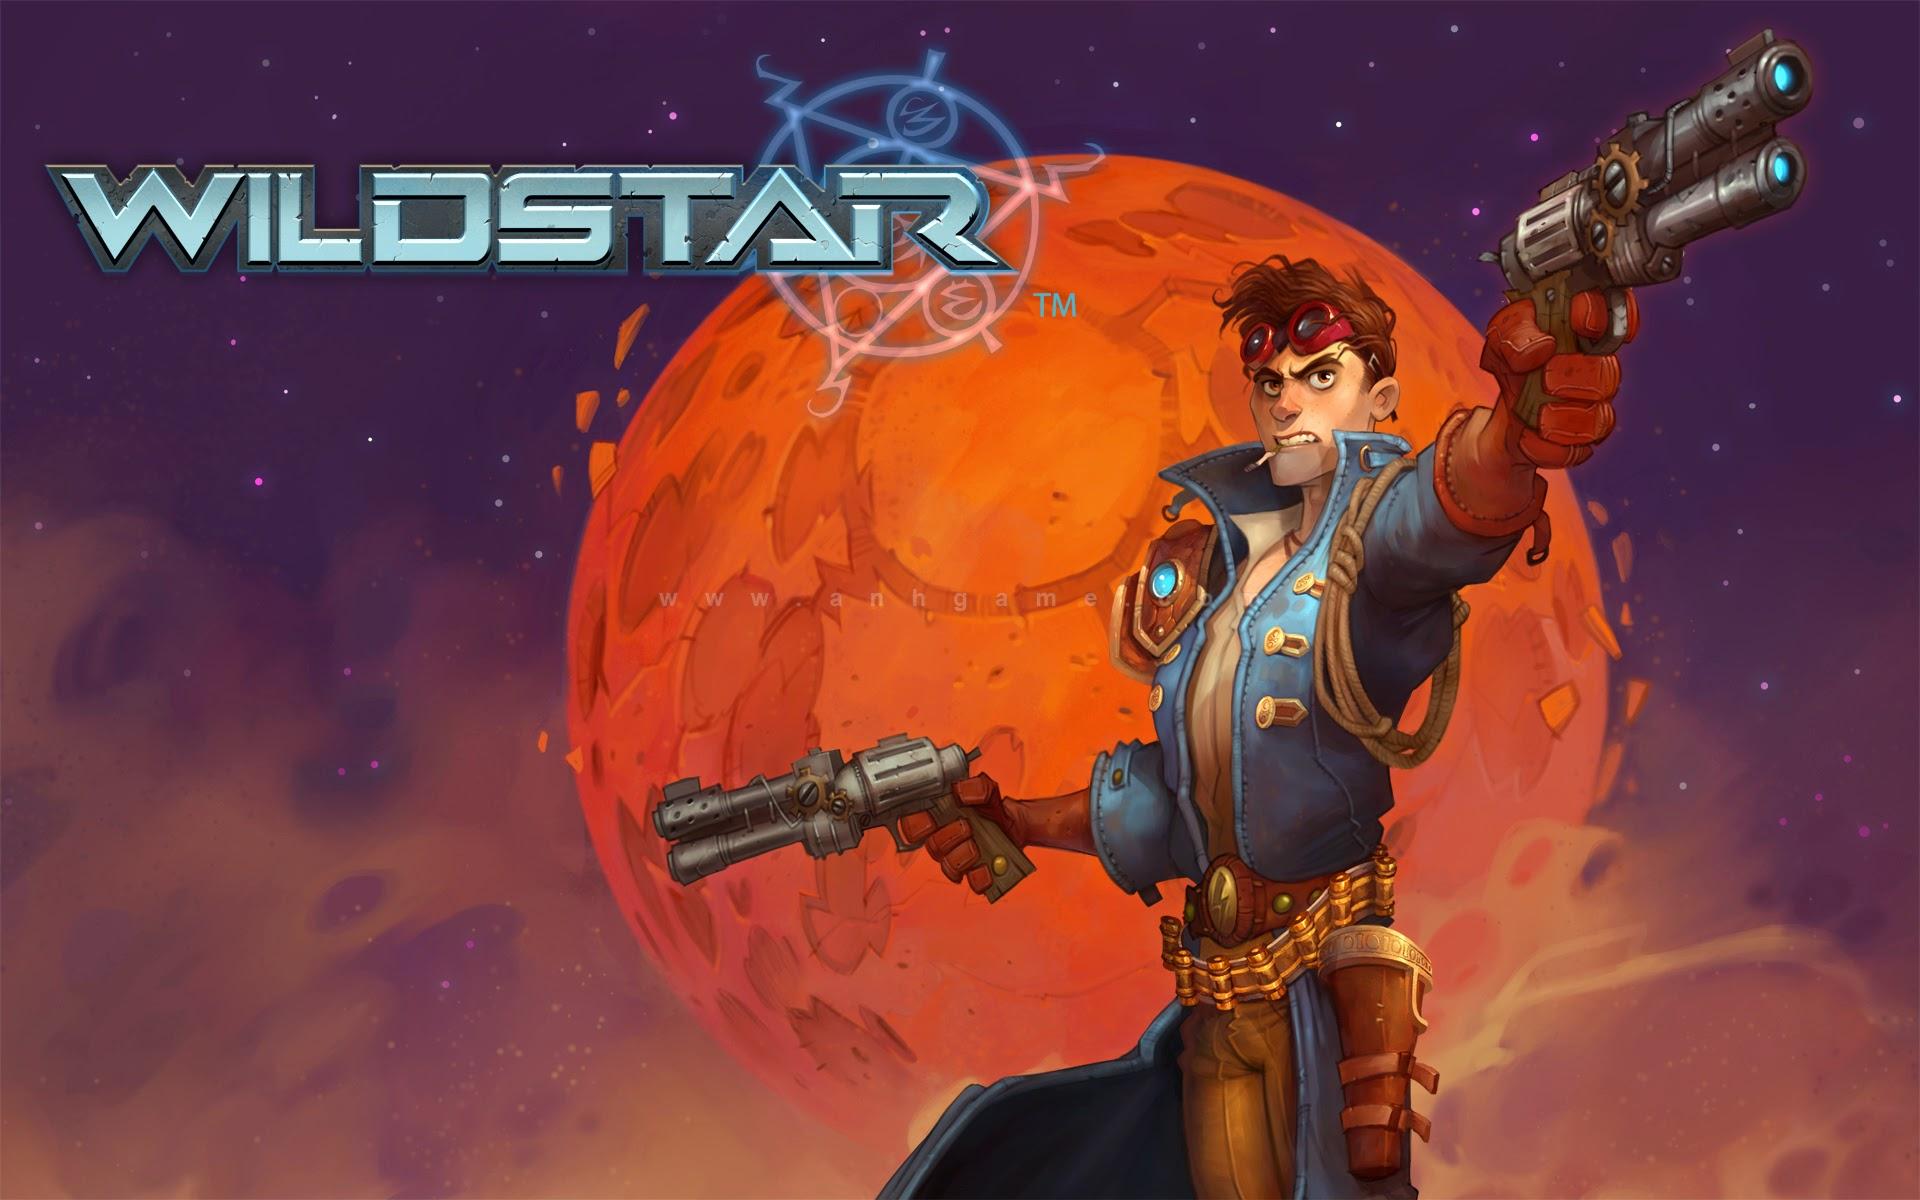 Loạt hình nền đẹp mắt của MMORPG Wild Star - Ảnh 8